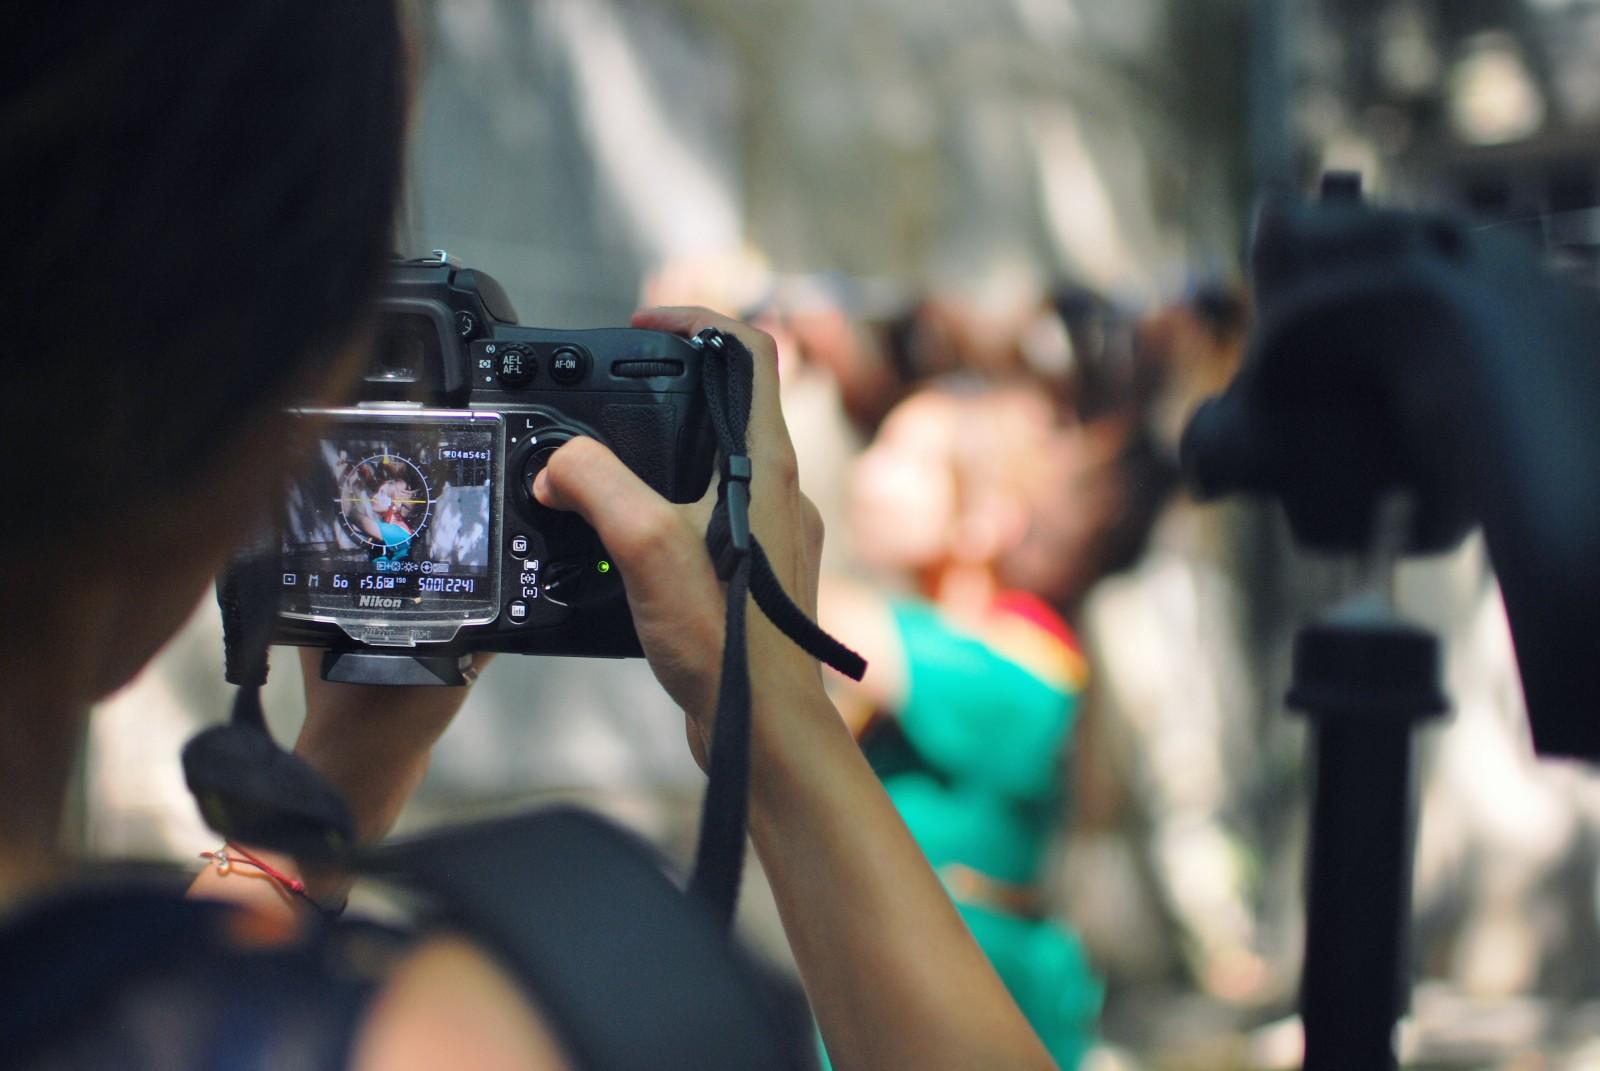 reportage sur les rencontres en ligne idées pour une description de profil de datation